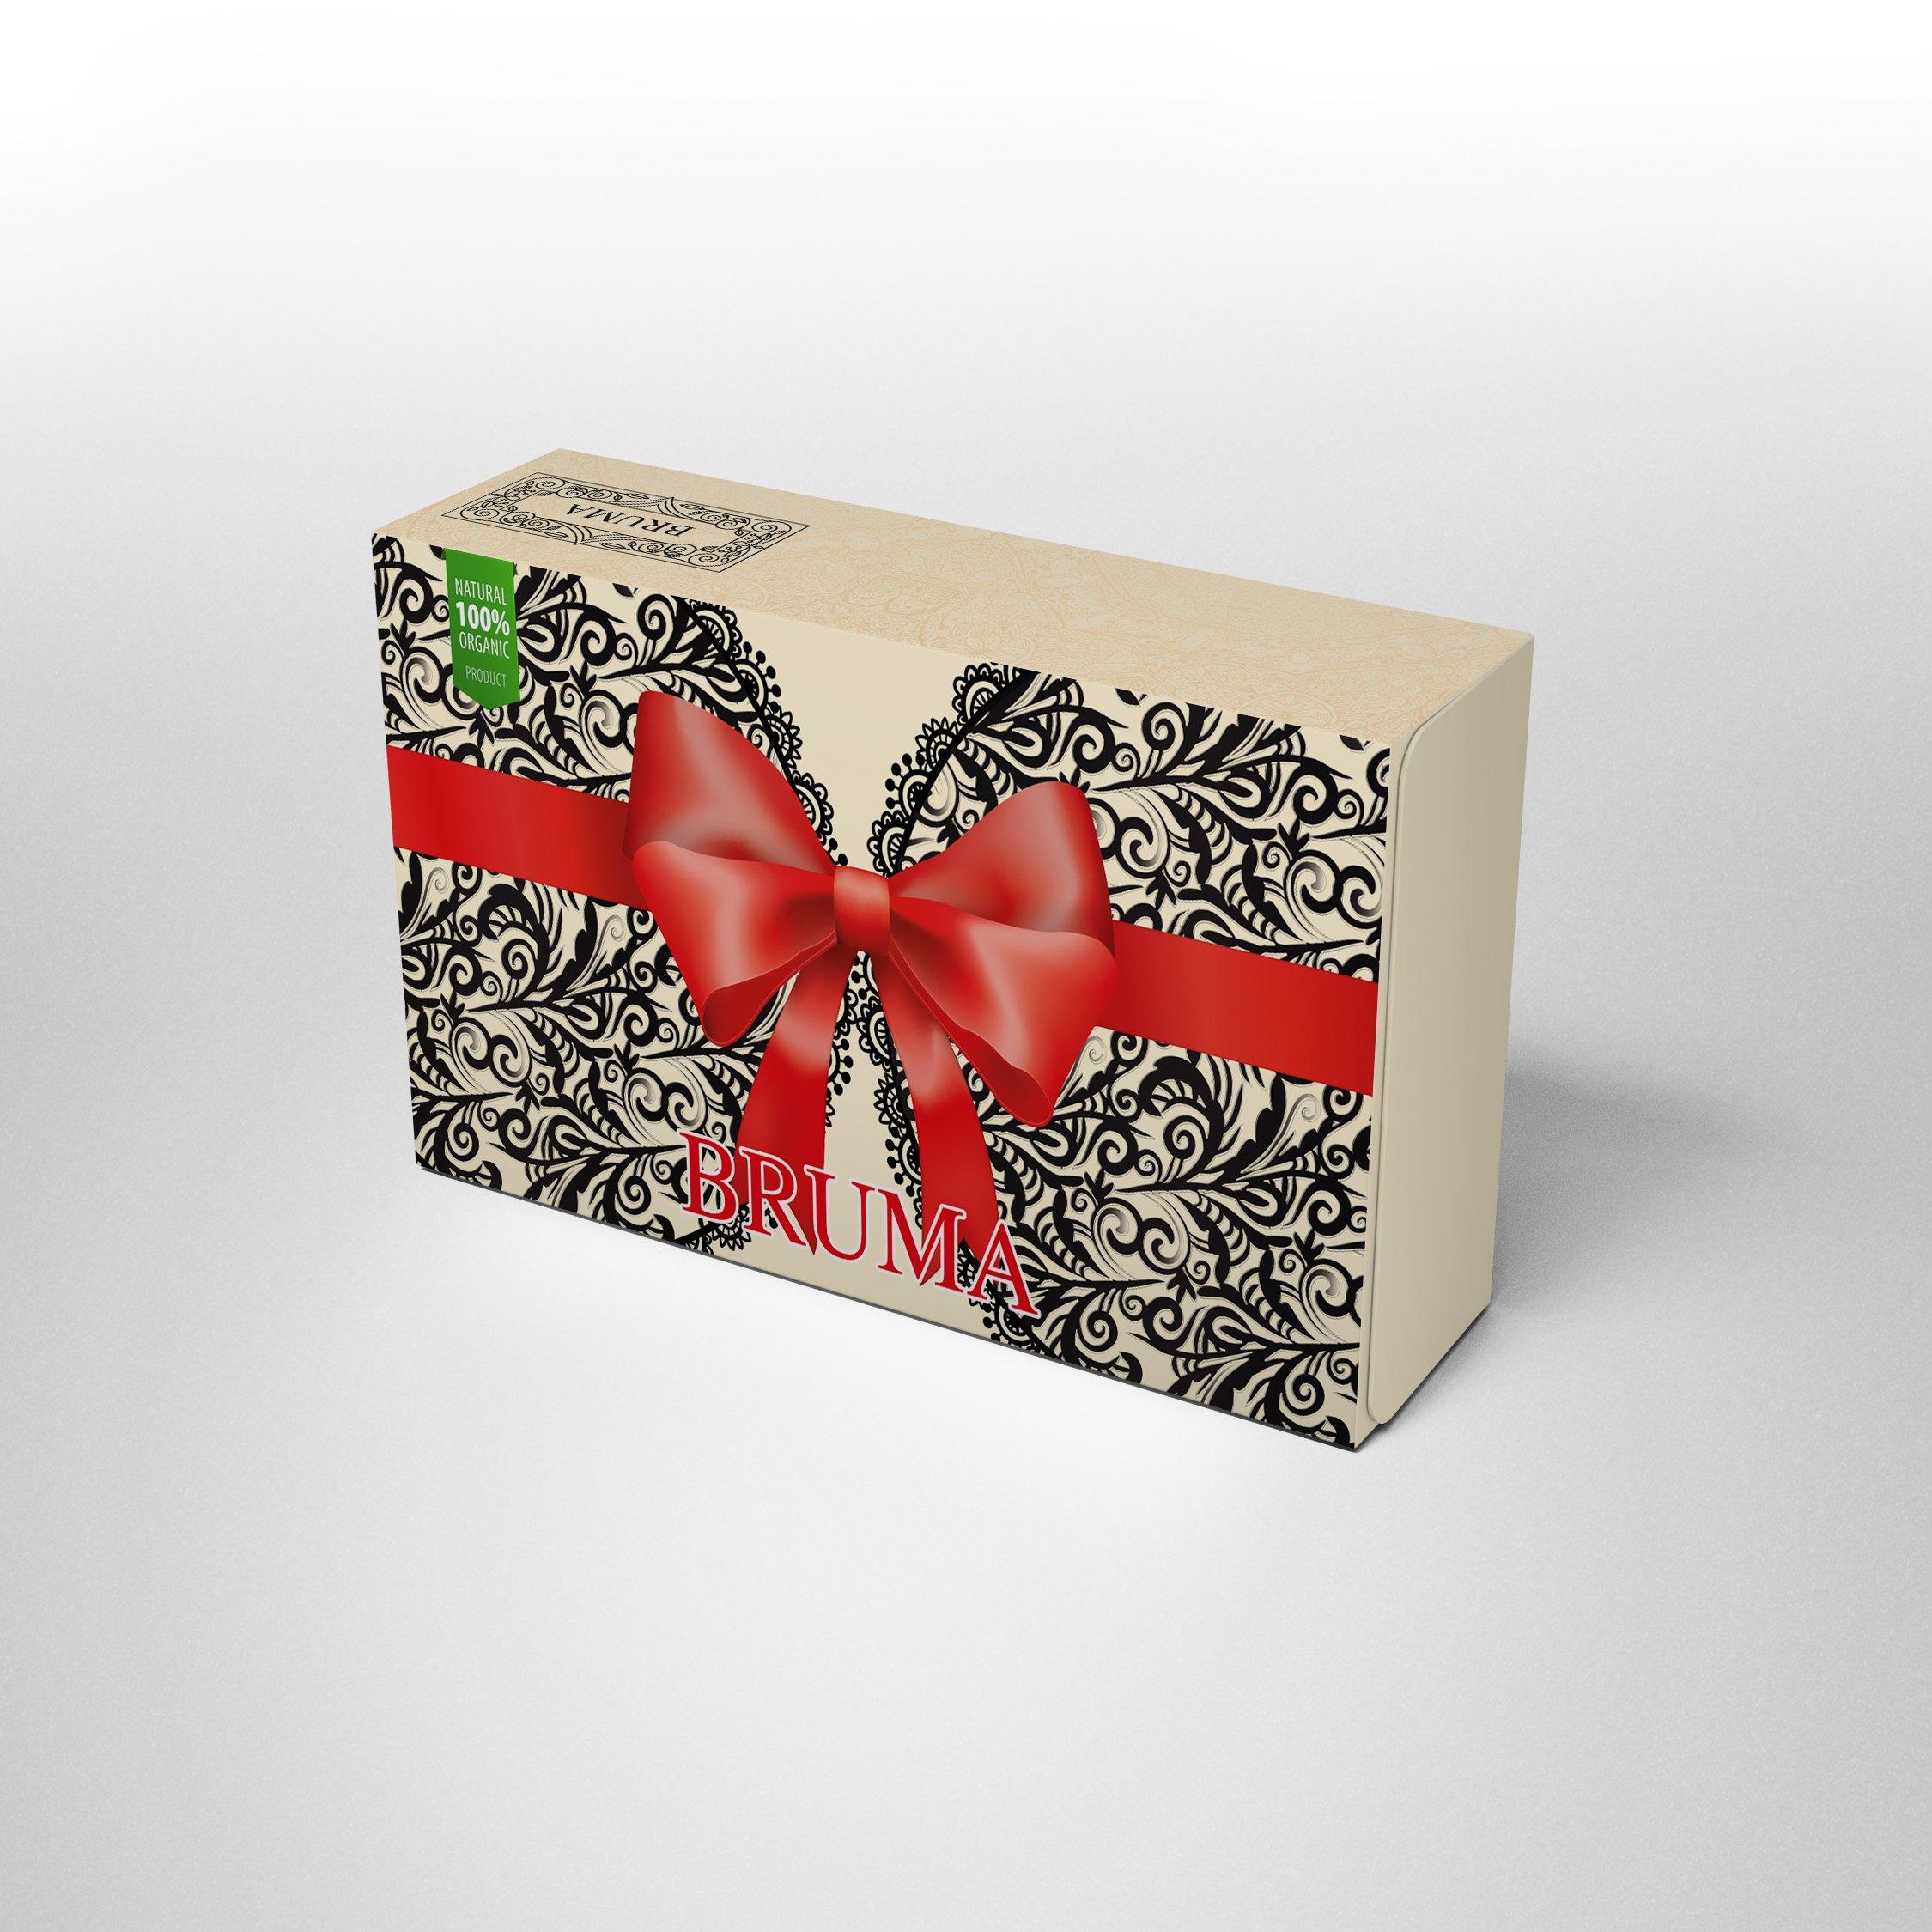 Bruma ออกแบบกล่อง Bruma ผลิตภัณฑ์เสริมอาหาร อกฟูรูฟิต